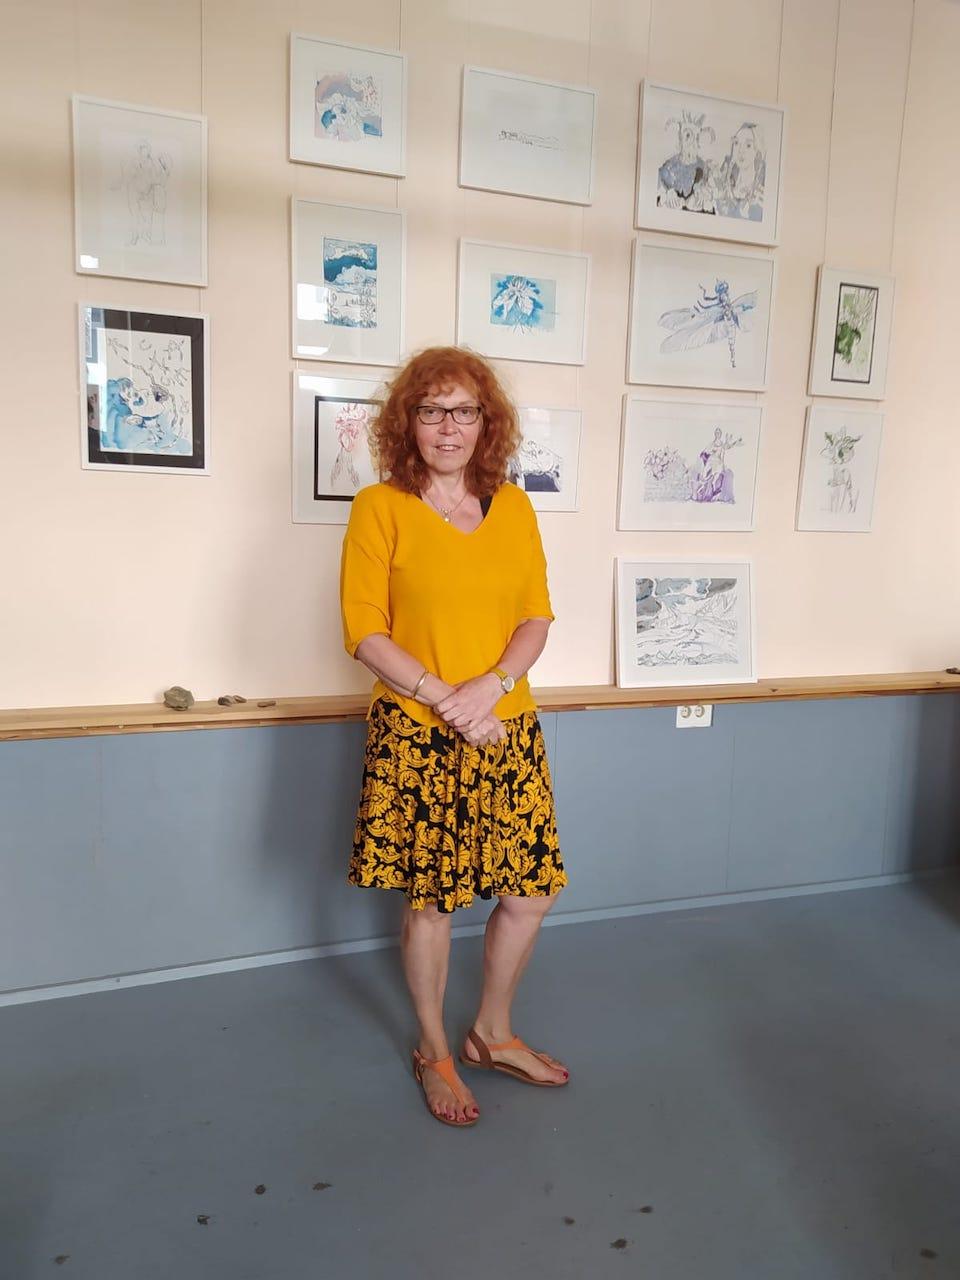 Impressionen von der Ausstellungseröffnung Galerie Blickwinkel Schwerin (c) Foto Nina Alicke Schuchardt